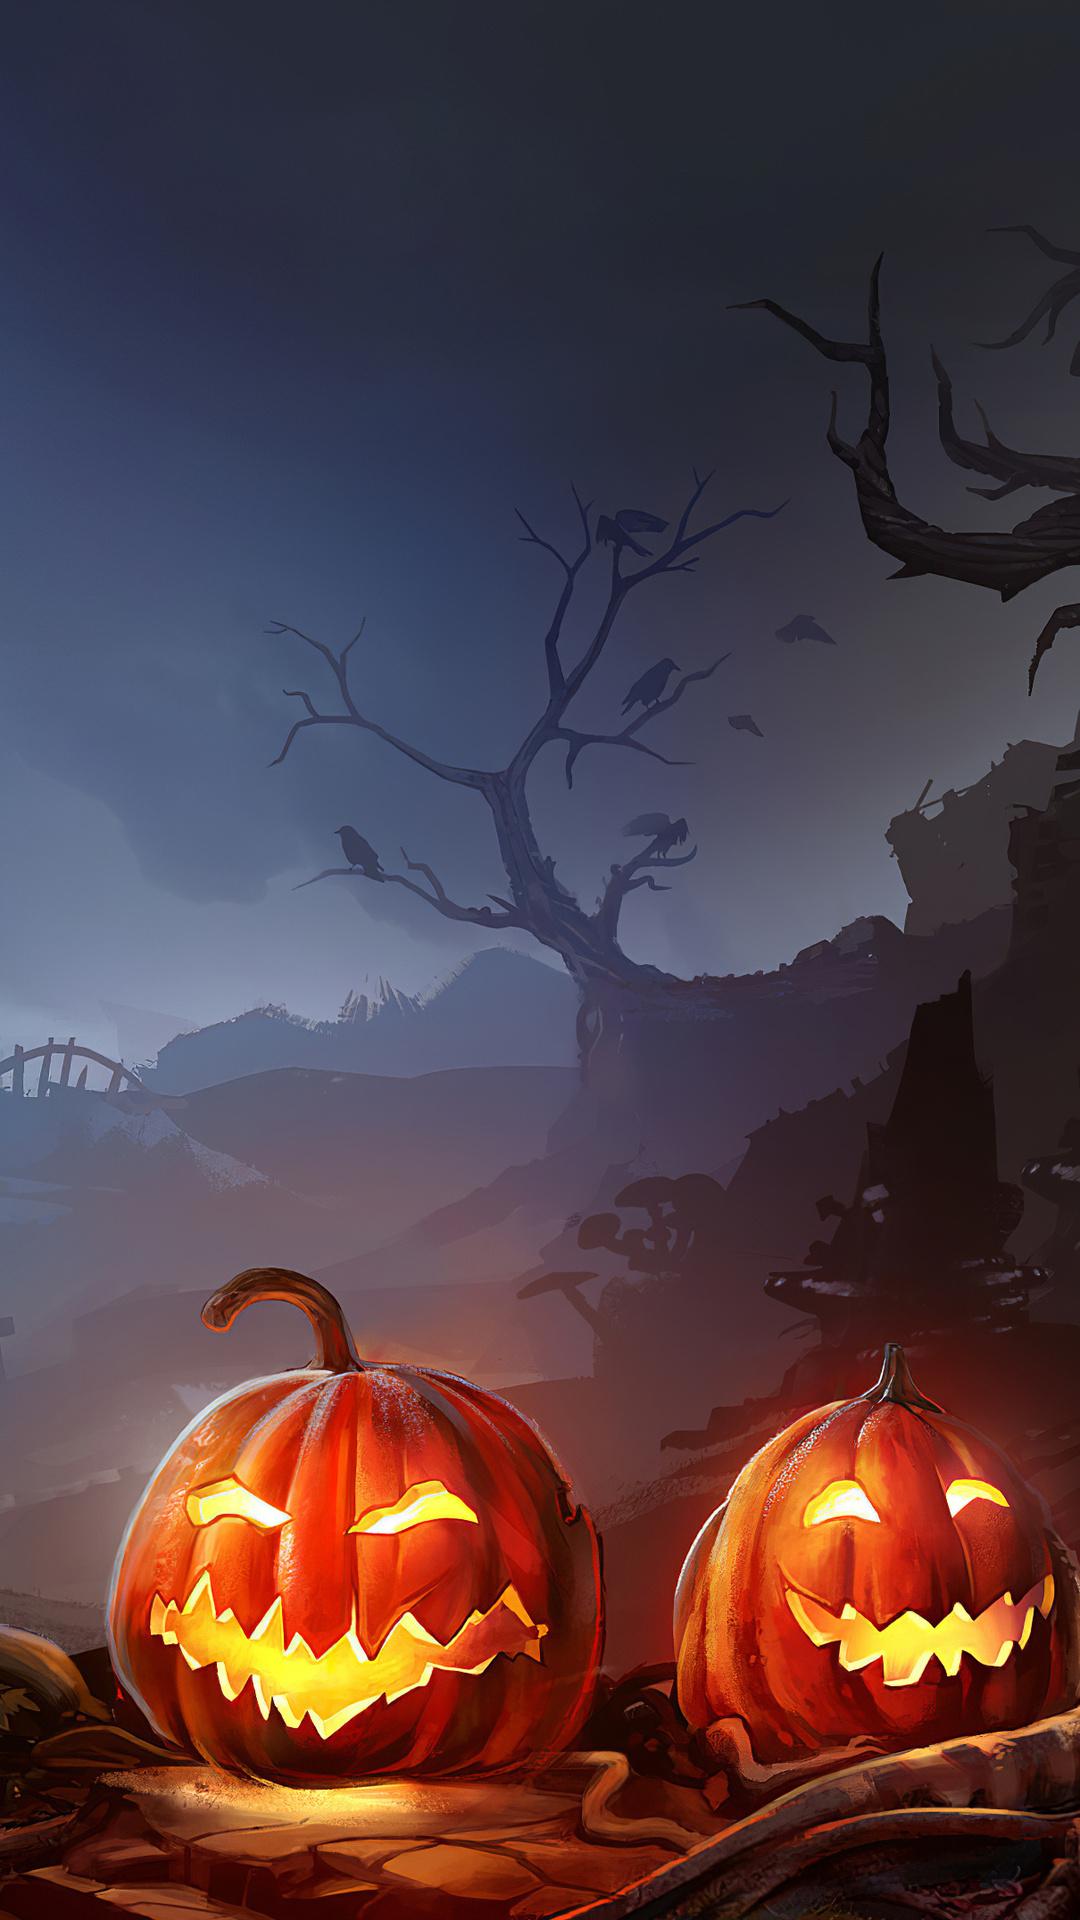 1080x1920 Horror Pumpkins Halloween 4k Iphone 7 6s 6 Plus Pixel